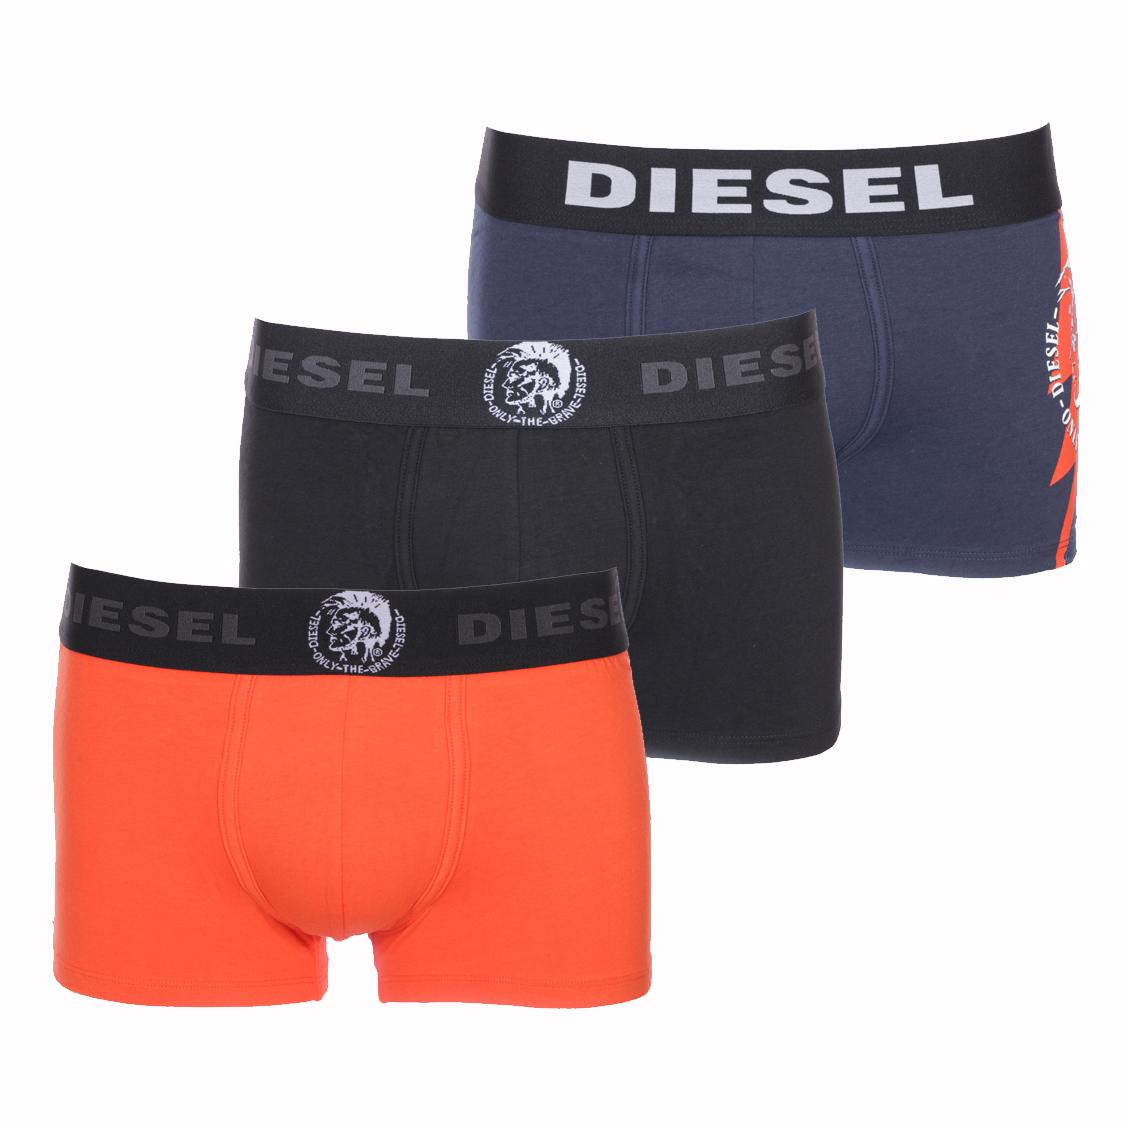 Lot de 3 boxers diesel damien en coton stretch orange, noir et bleu marine à logo éclair